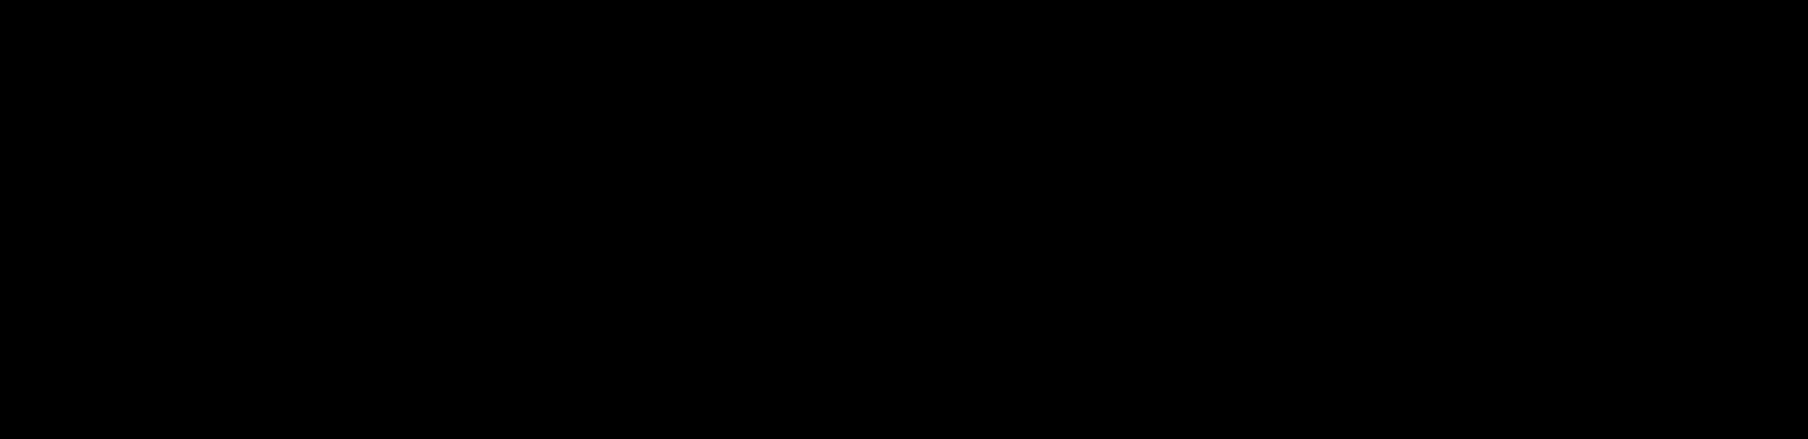 Valtti_logo